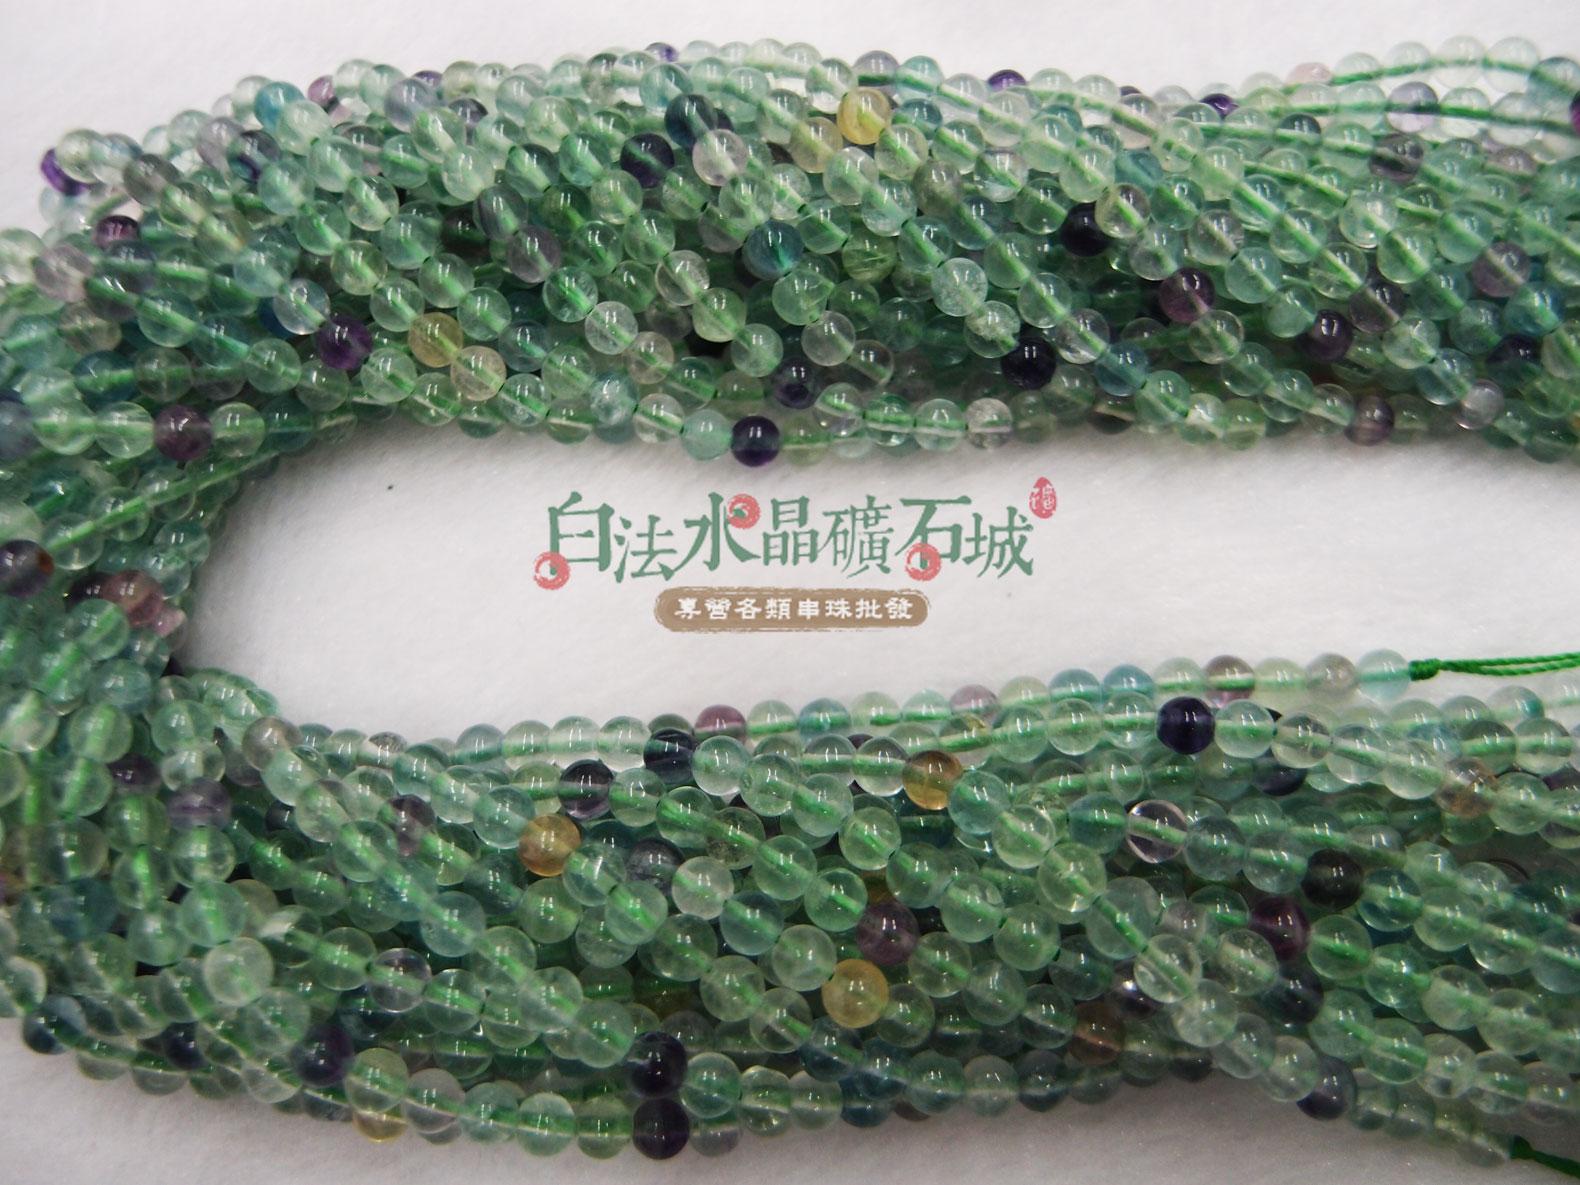 白法水晶礦石城 奧地利 天然-綠彩瑩石 4mm 串珠/條珠 首飾材料 色彩繽粉的彩色礦石